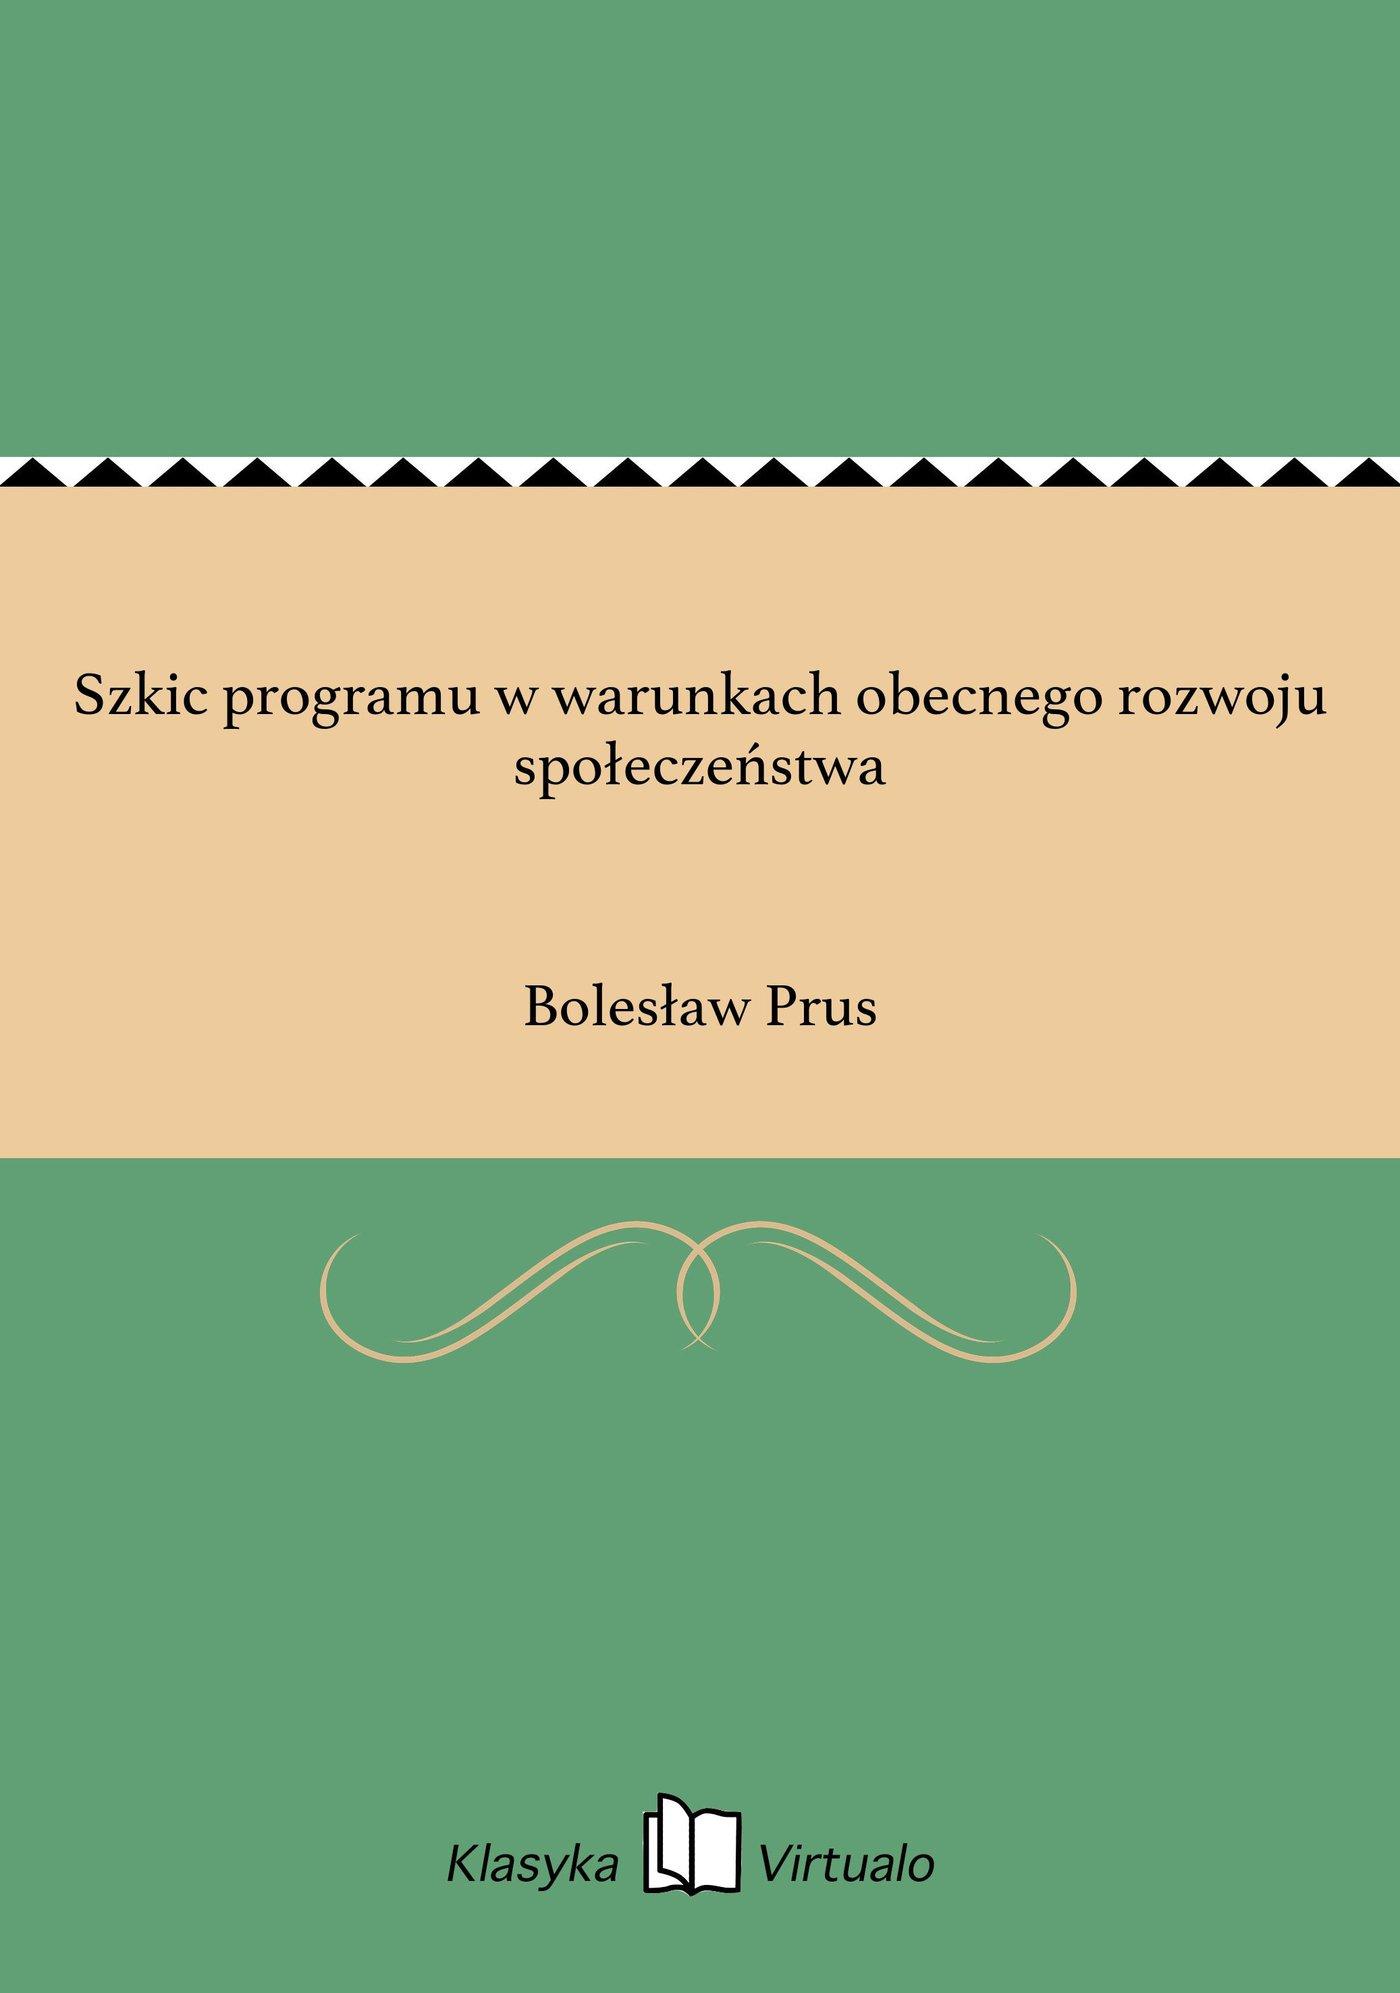 Szkic programu w warunkach obecnego rozwoju społeczeństwa - Ebook (Książka EPUB) do pobrania w formacie EPUB